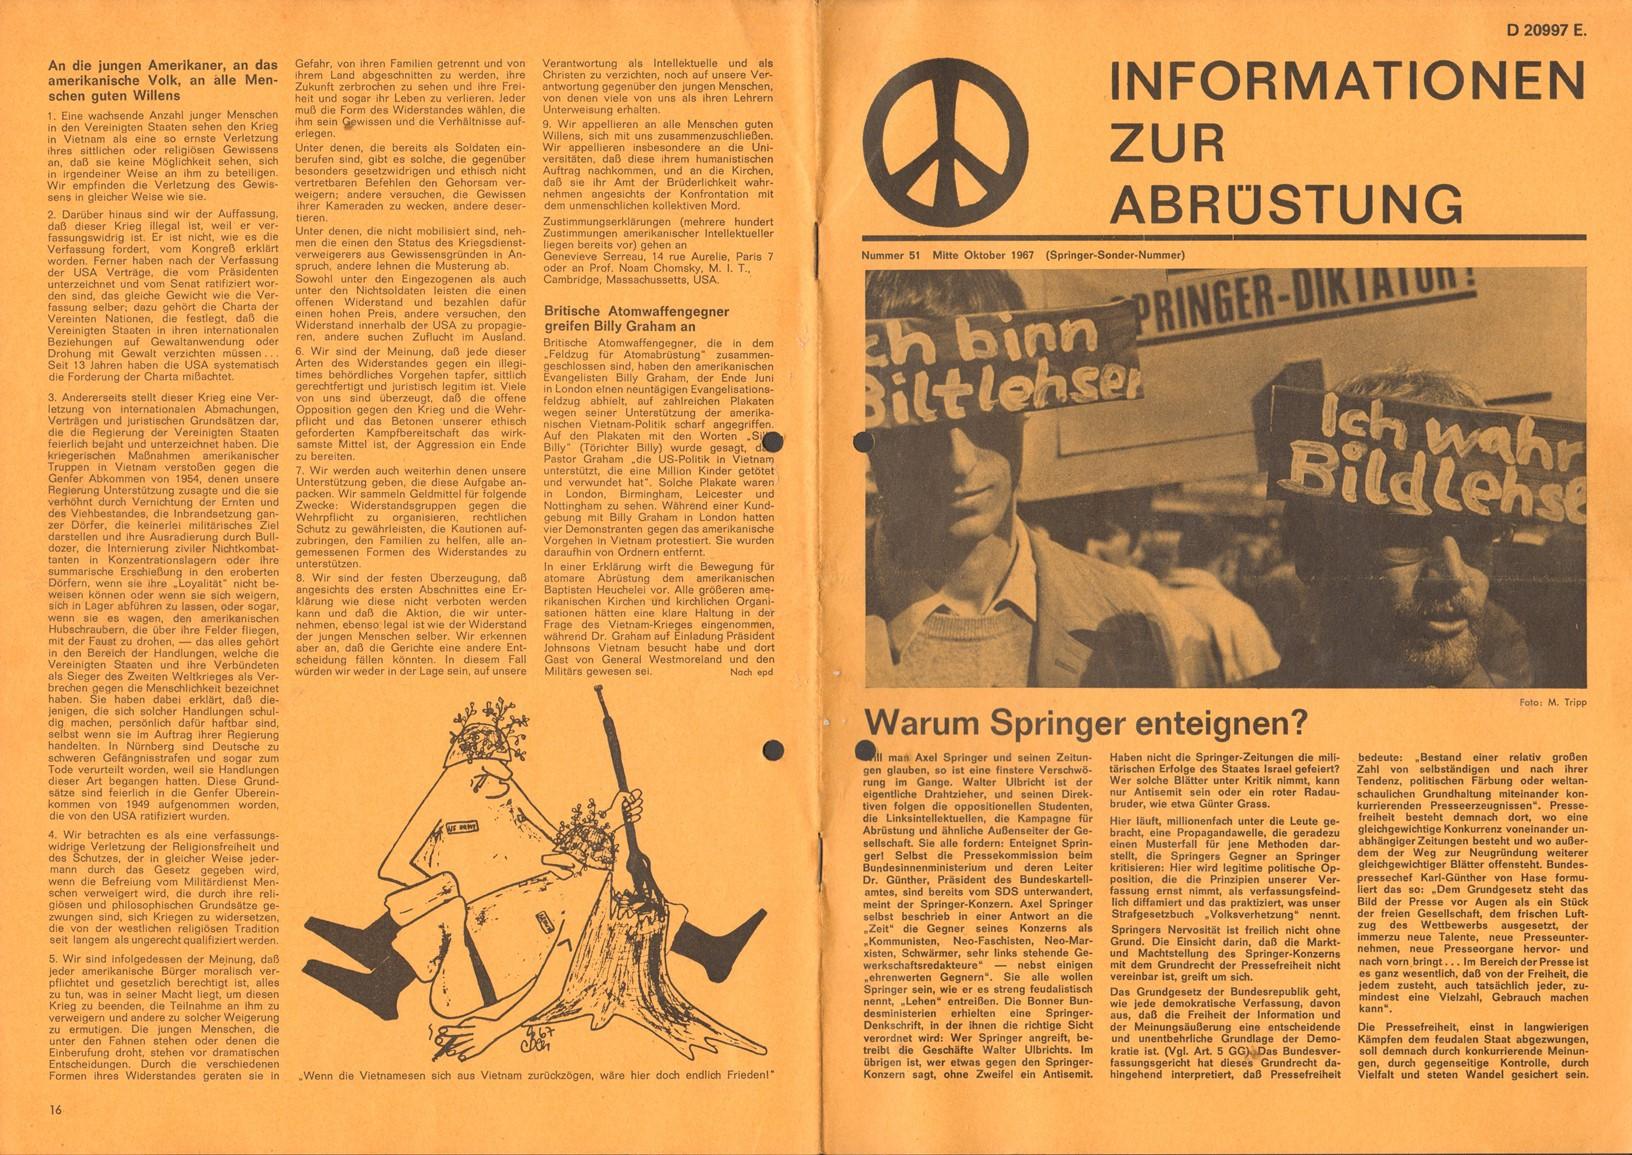 Informationen_zur_Abruestung_19671015_01